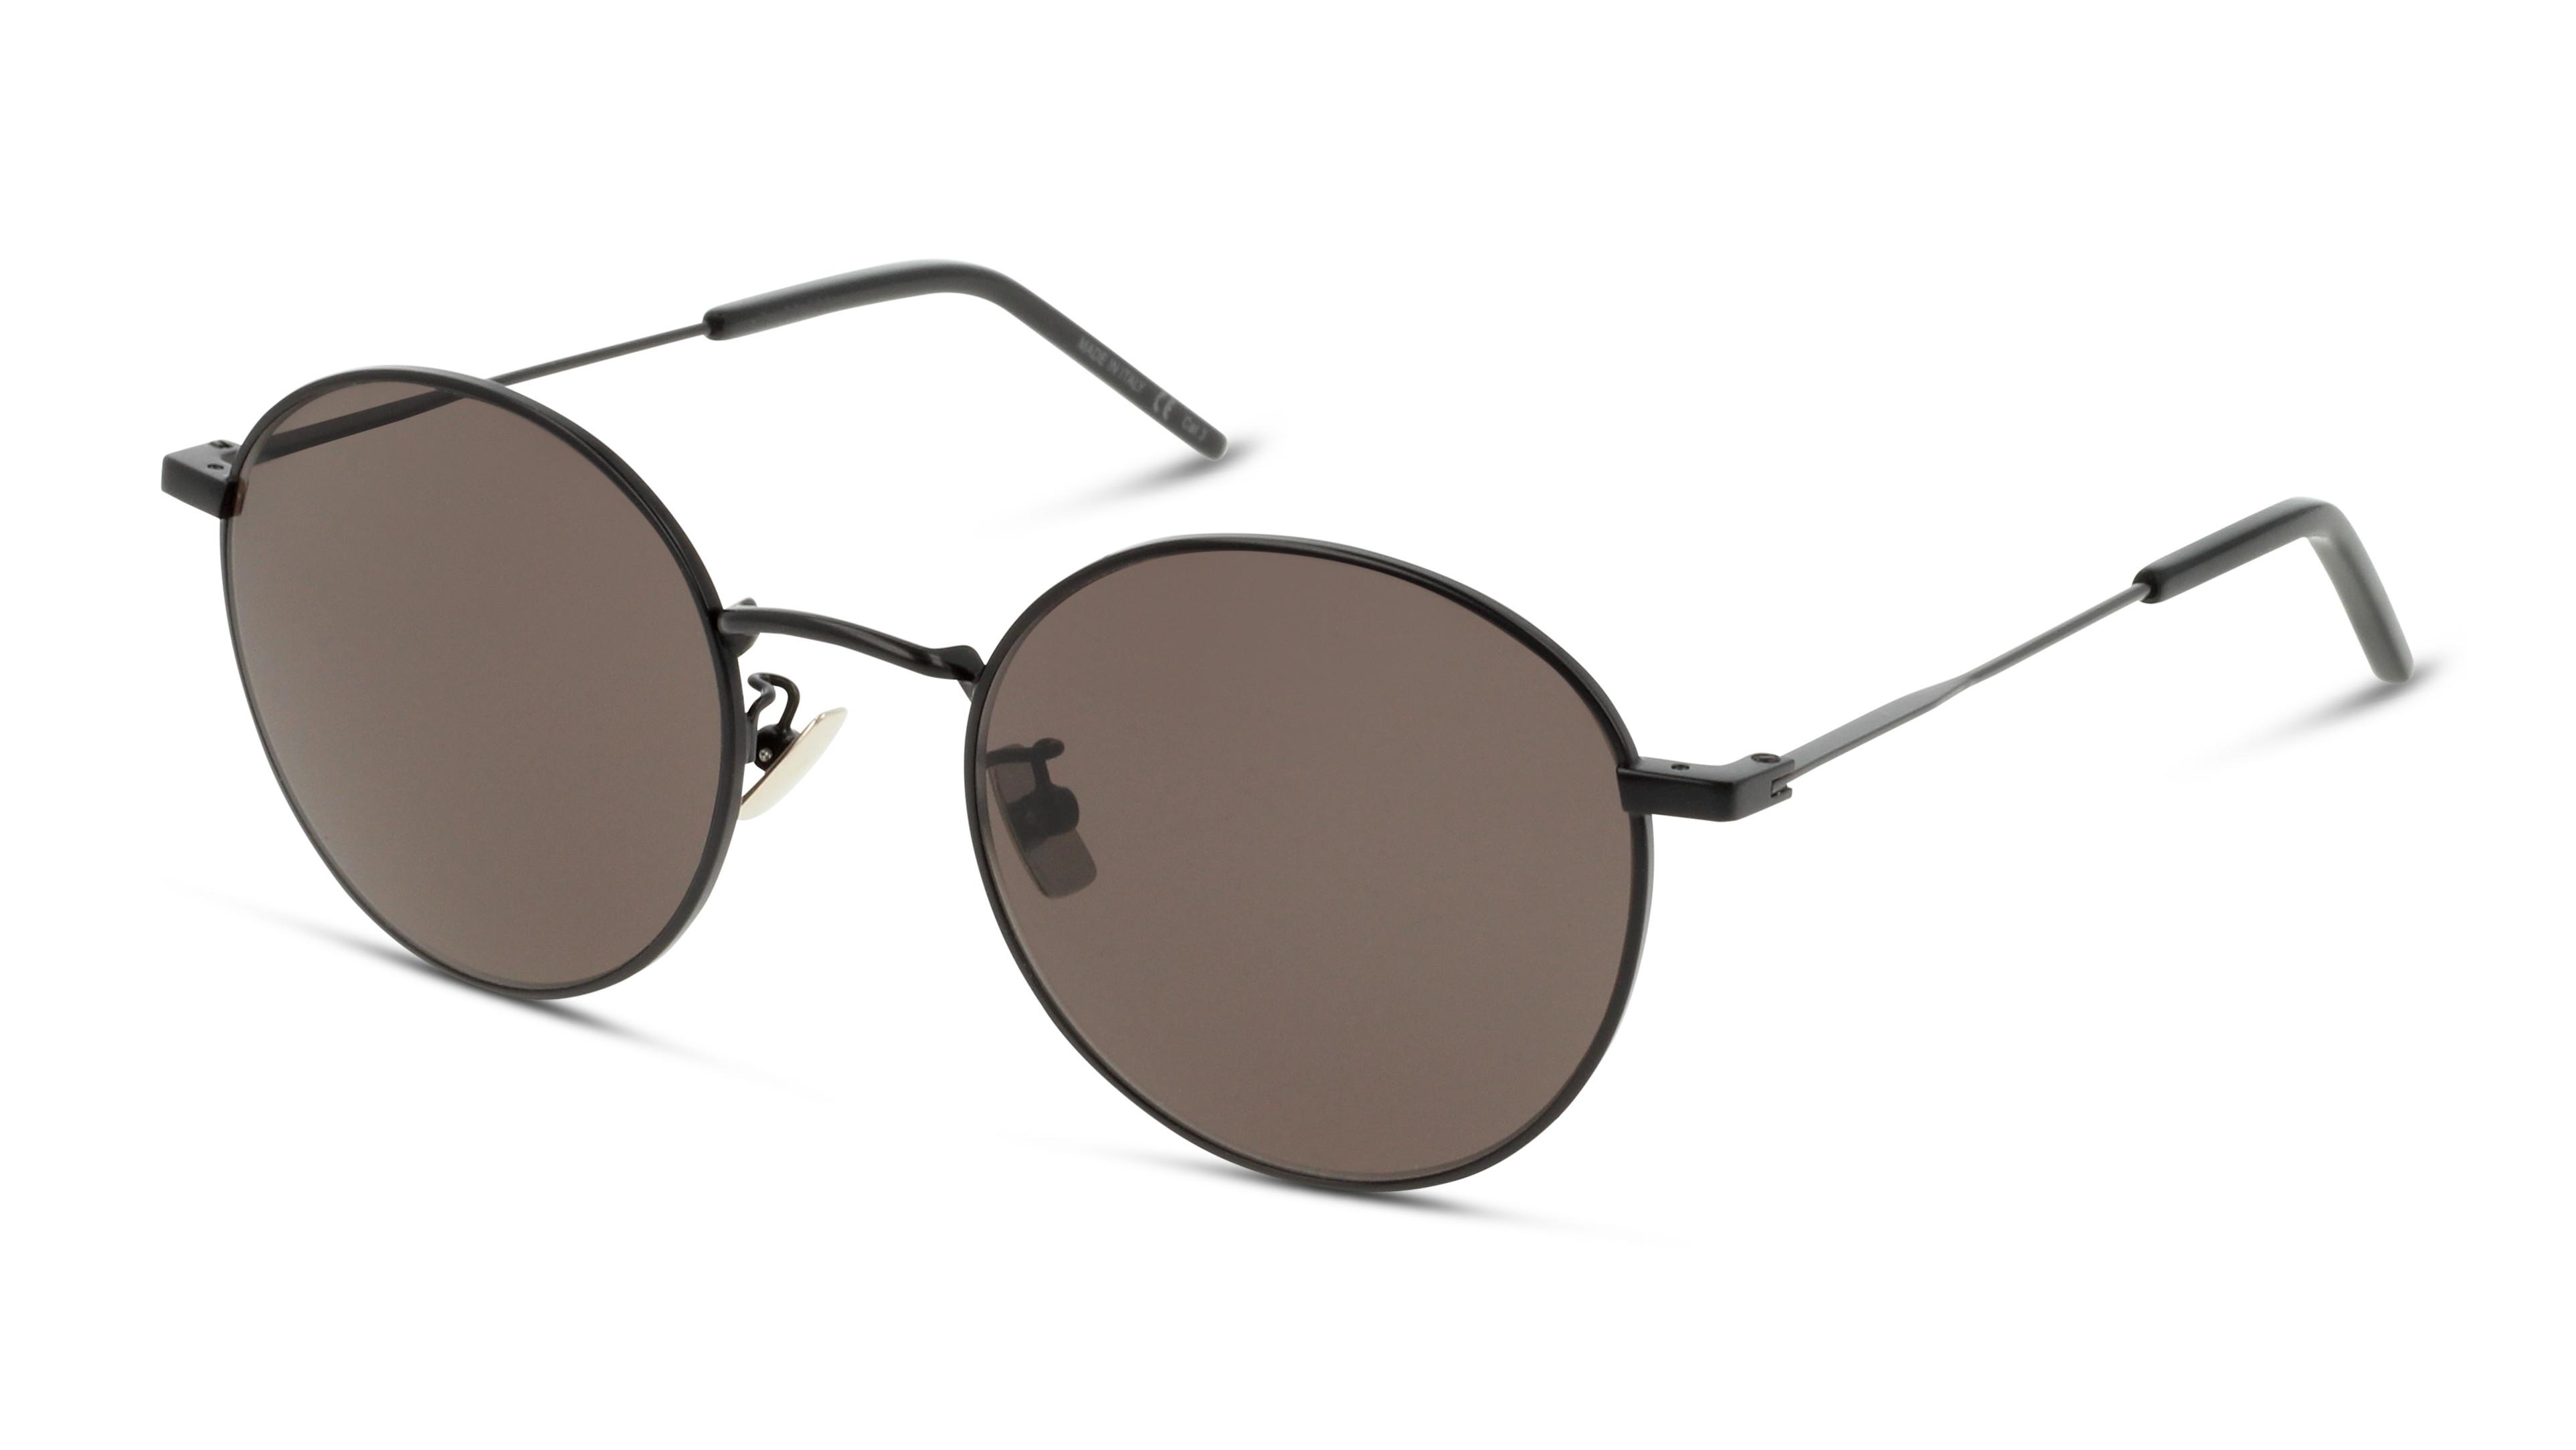 8056376208351-angle-03-saint-laurent-sl_250-eyewear-black-black-black